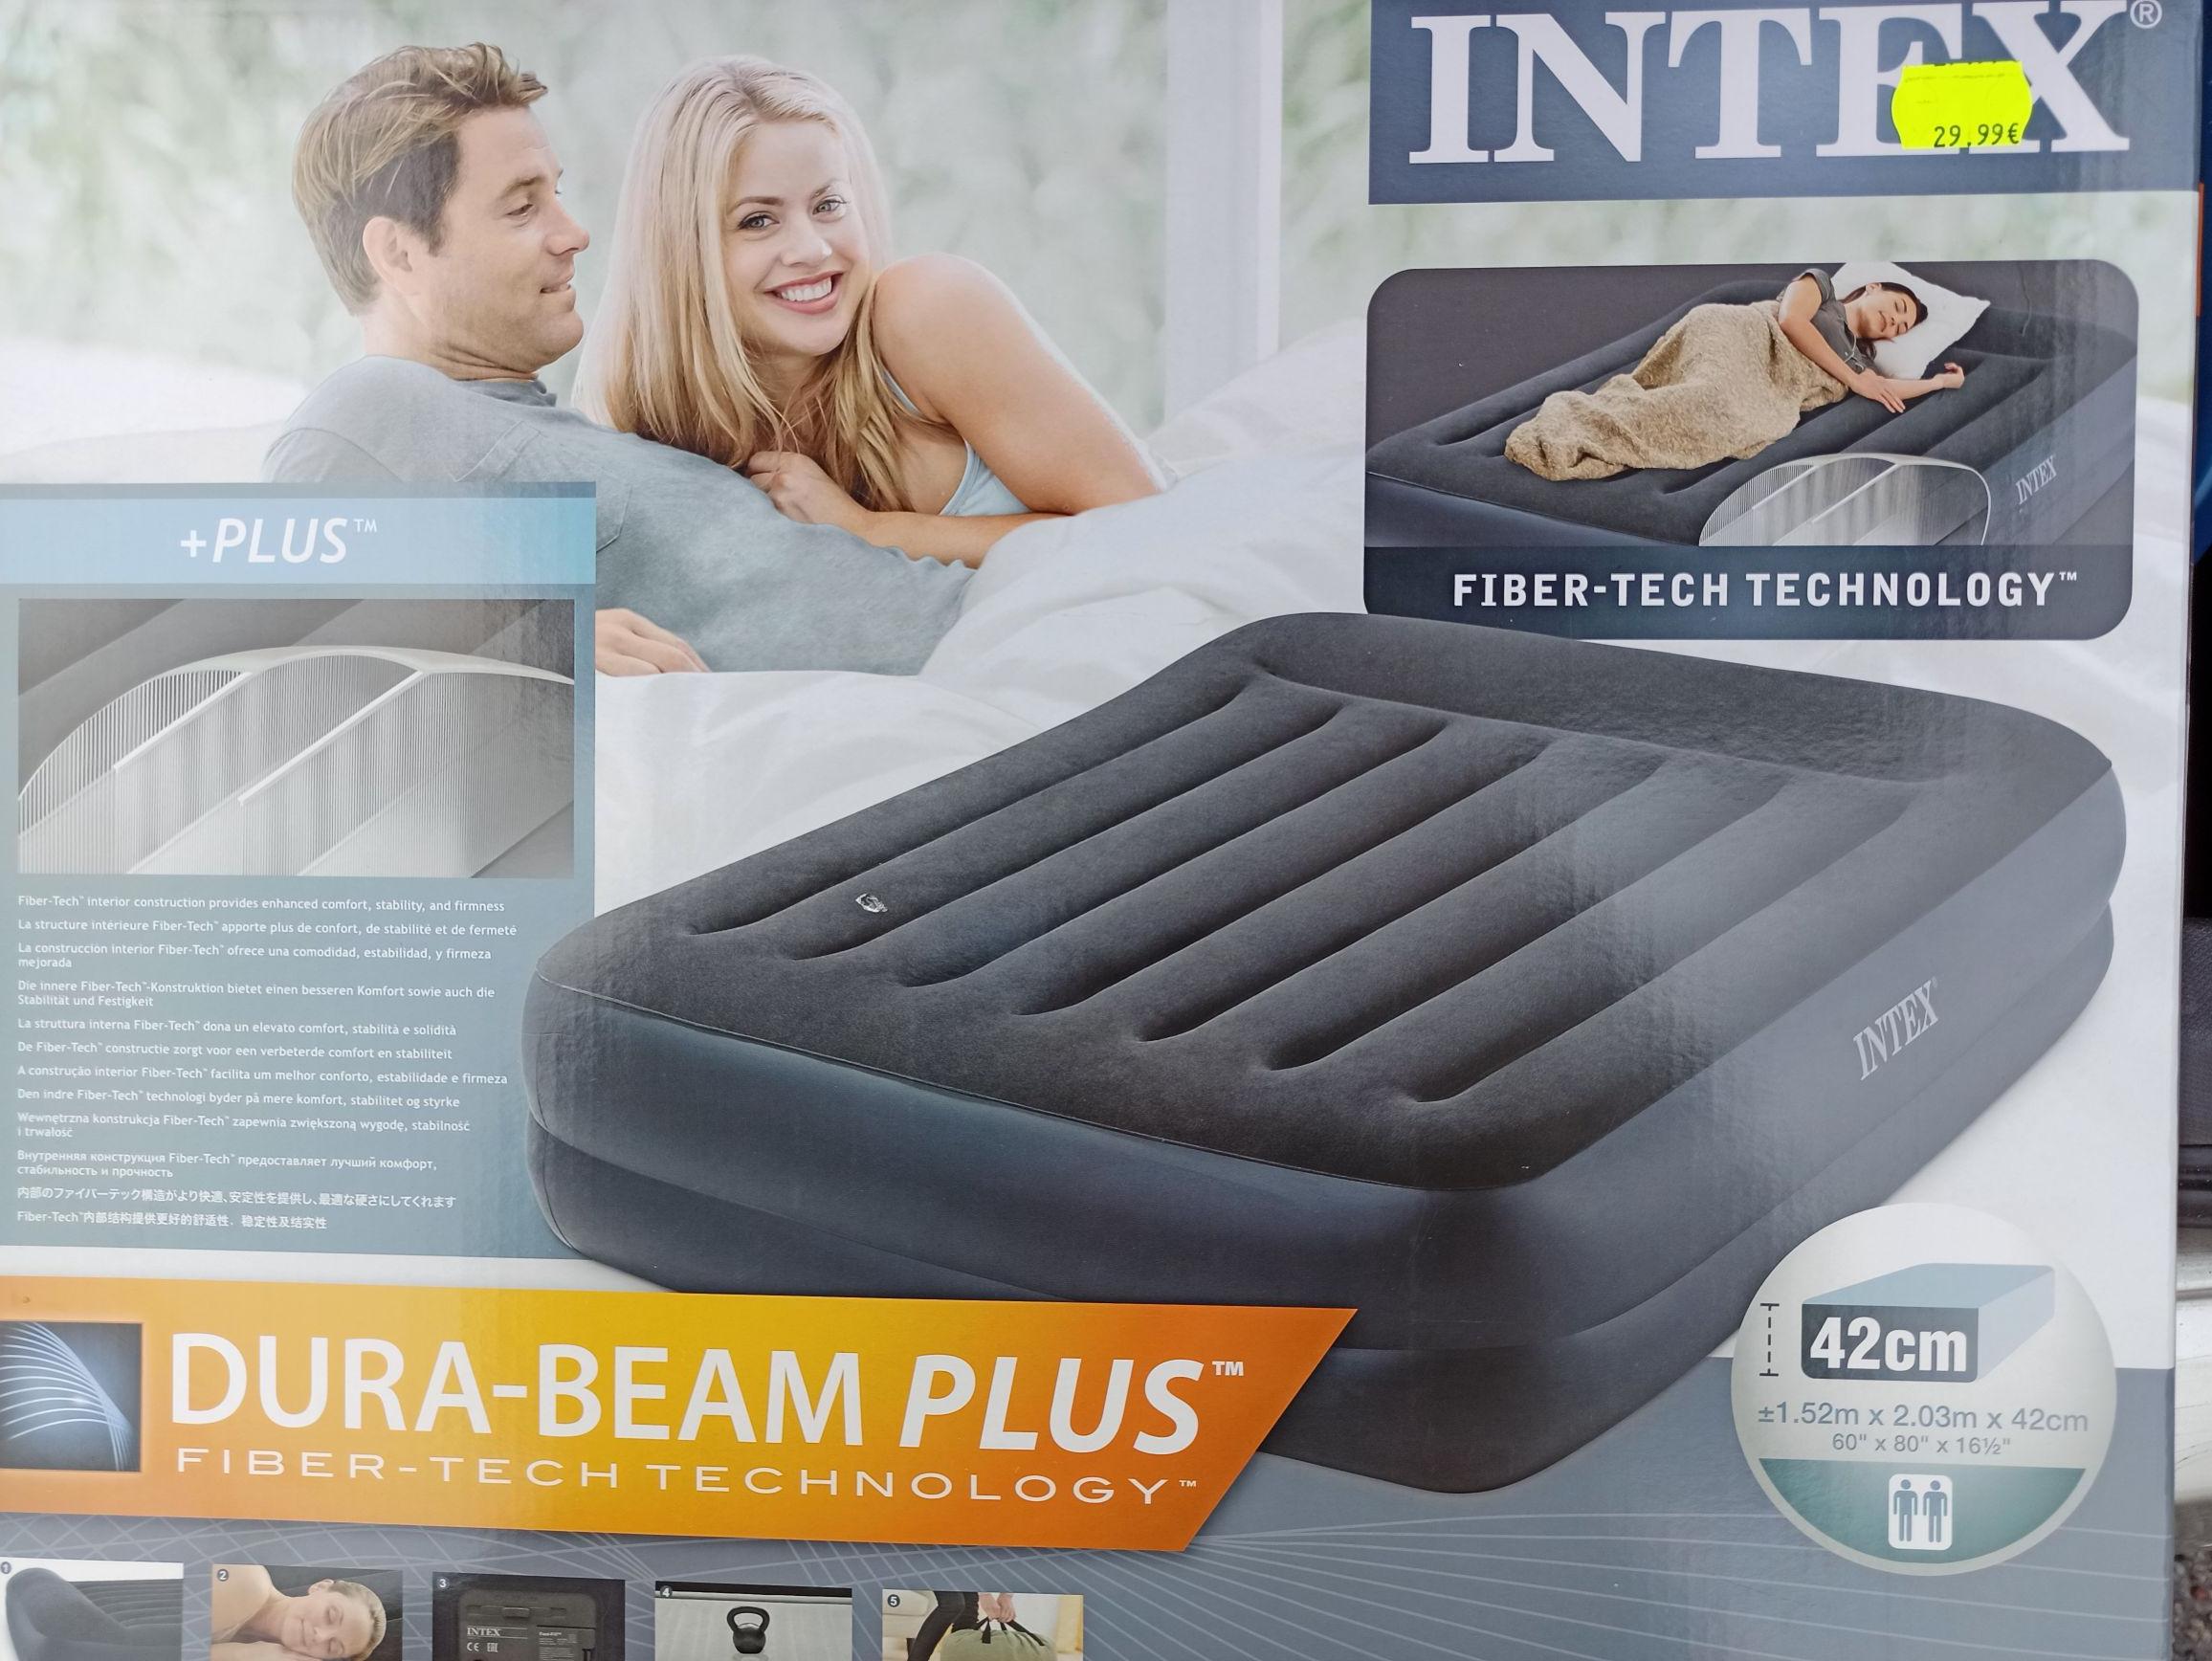 Matelas gonflable 2 places Intex Dura-beam Plus avec gonfleur intégré